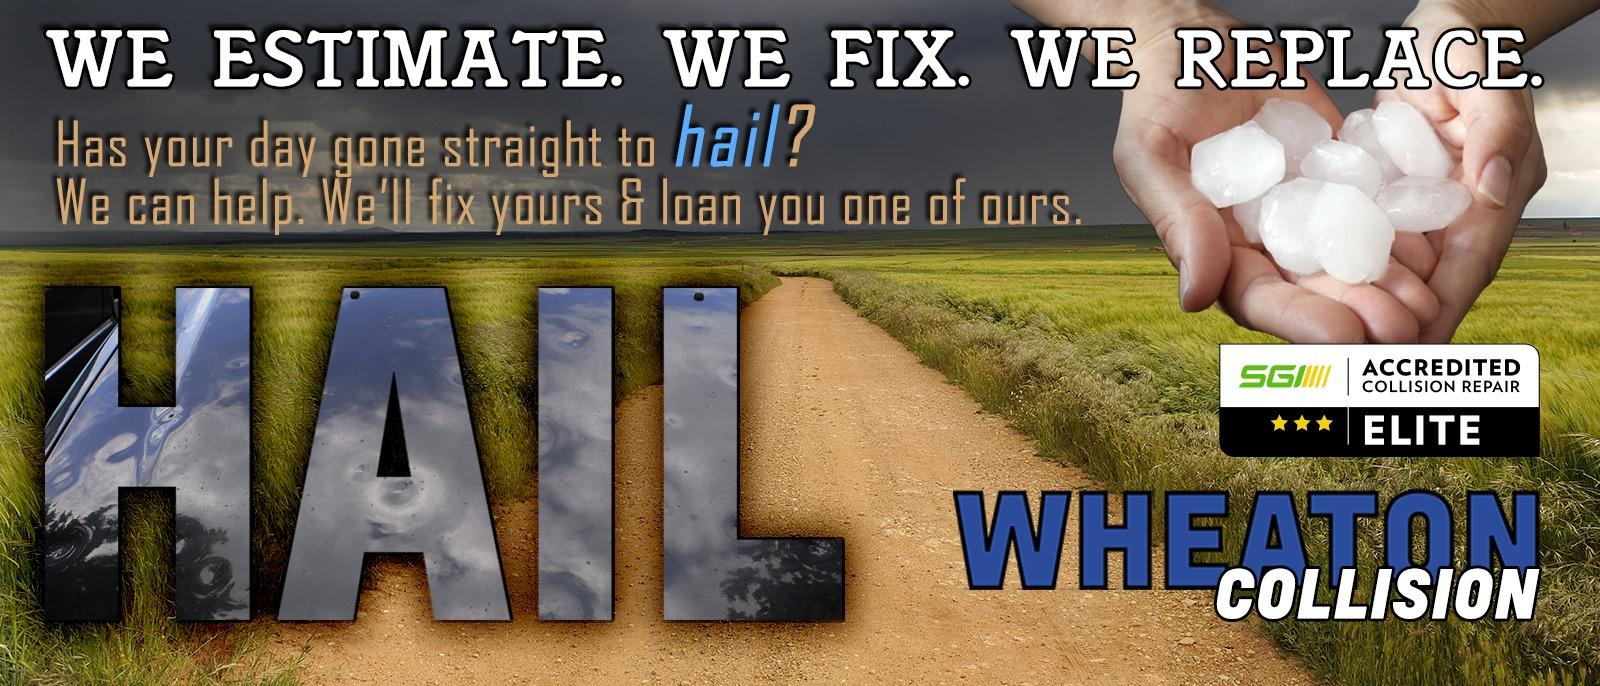 We assess and repair hail damage